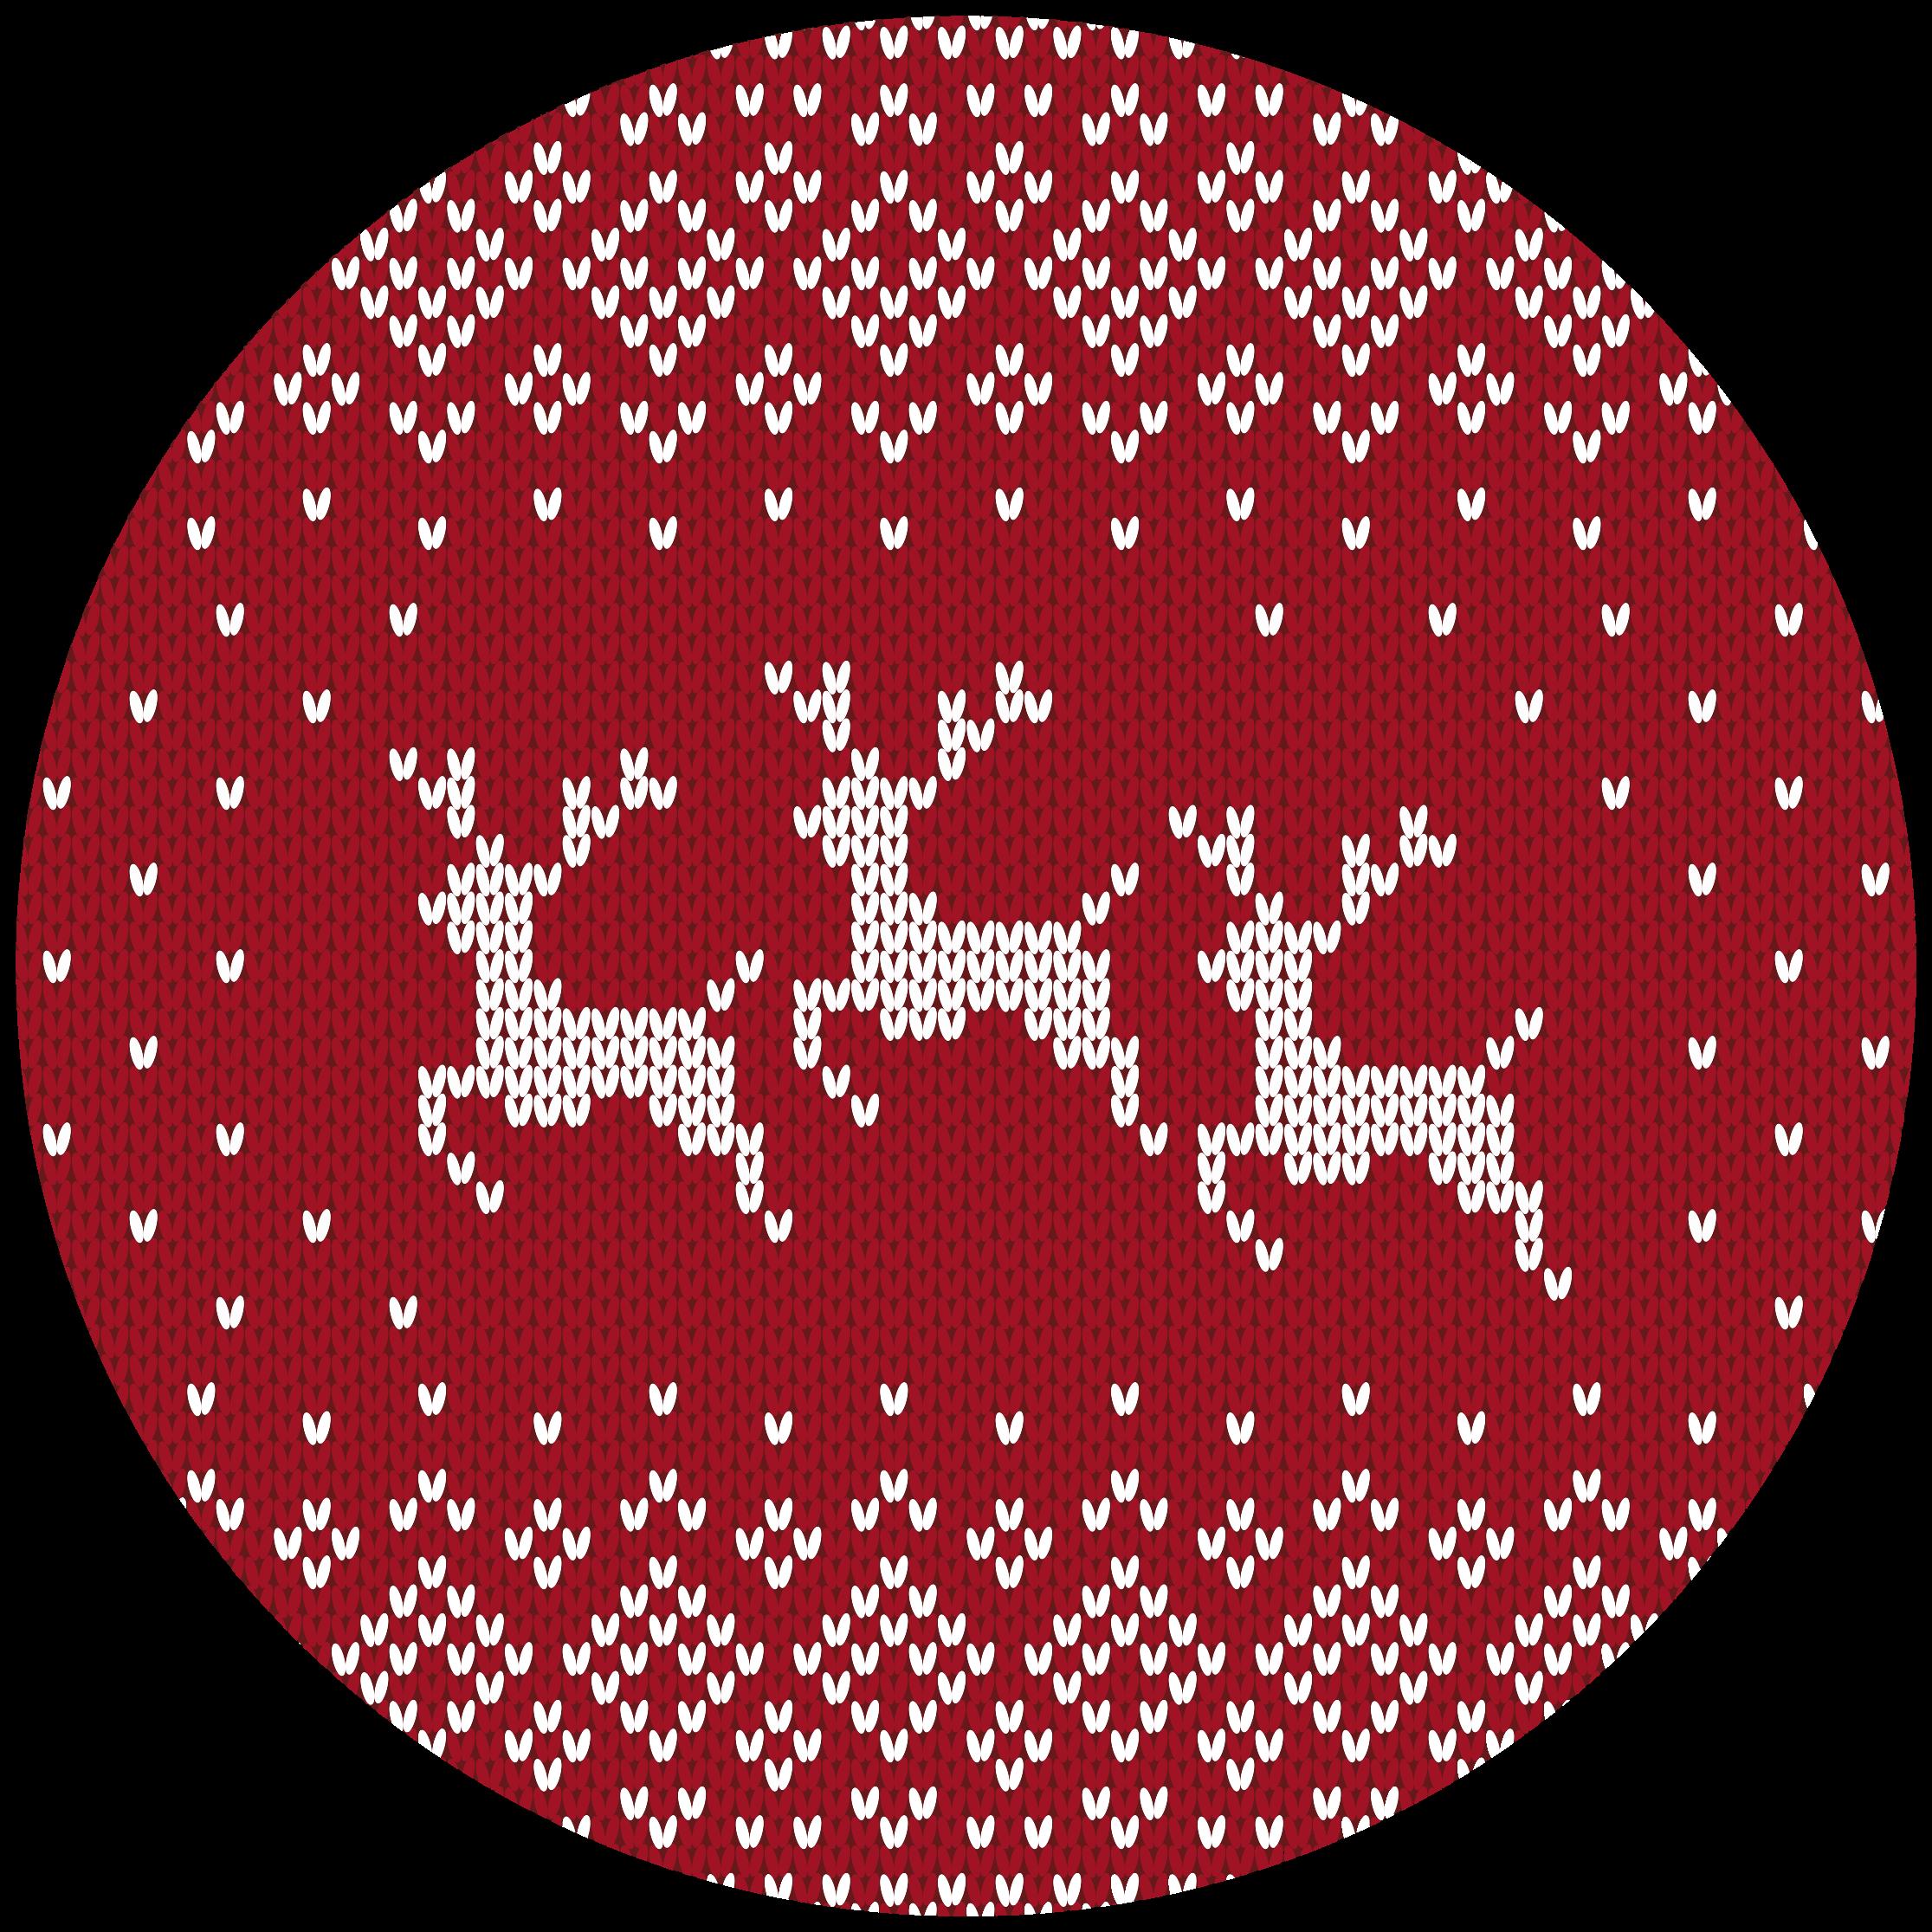 TenStickers. Weihnachts-pullover-muster-weihnachtsteppich. Dieser weihnachtsteppich ist perfekt für Ihr wohnzimmer, flur und jeden Raum, den Sie wollen. Laden sie Ihre verwandten und Freunde zu einer weihnachtsfeier mit Ihnen ein